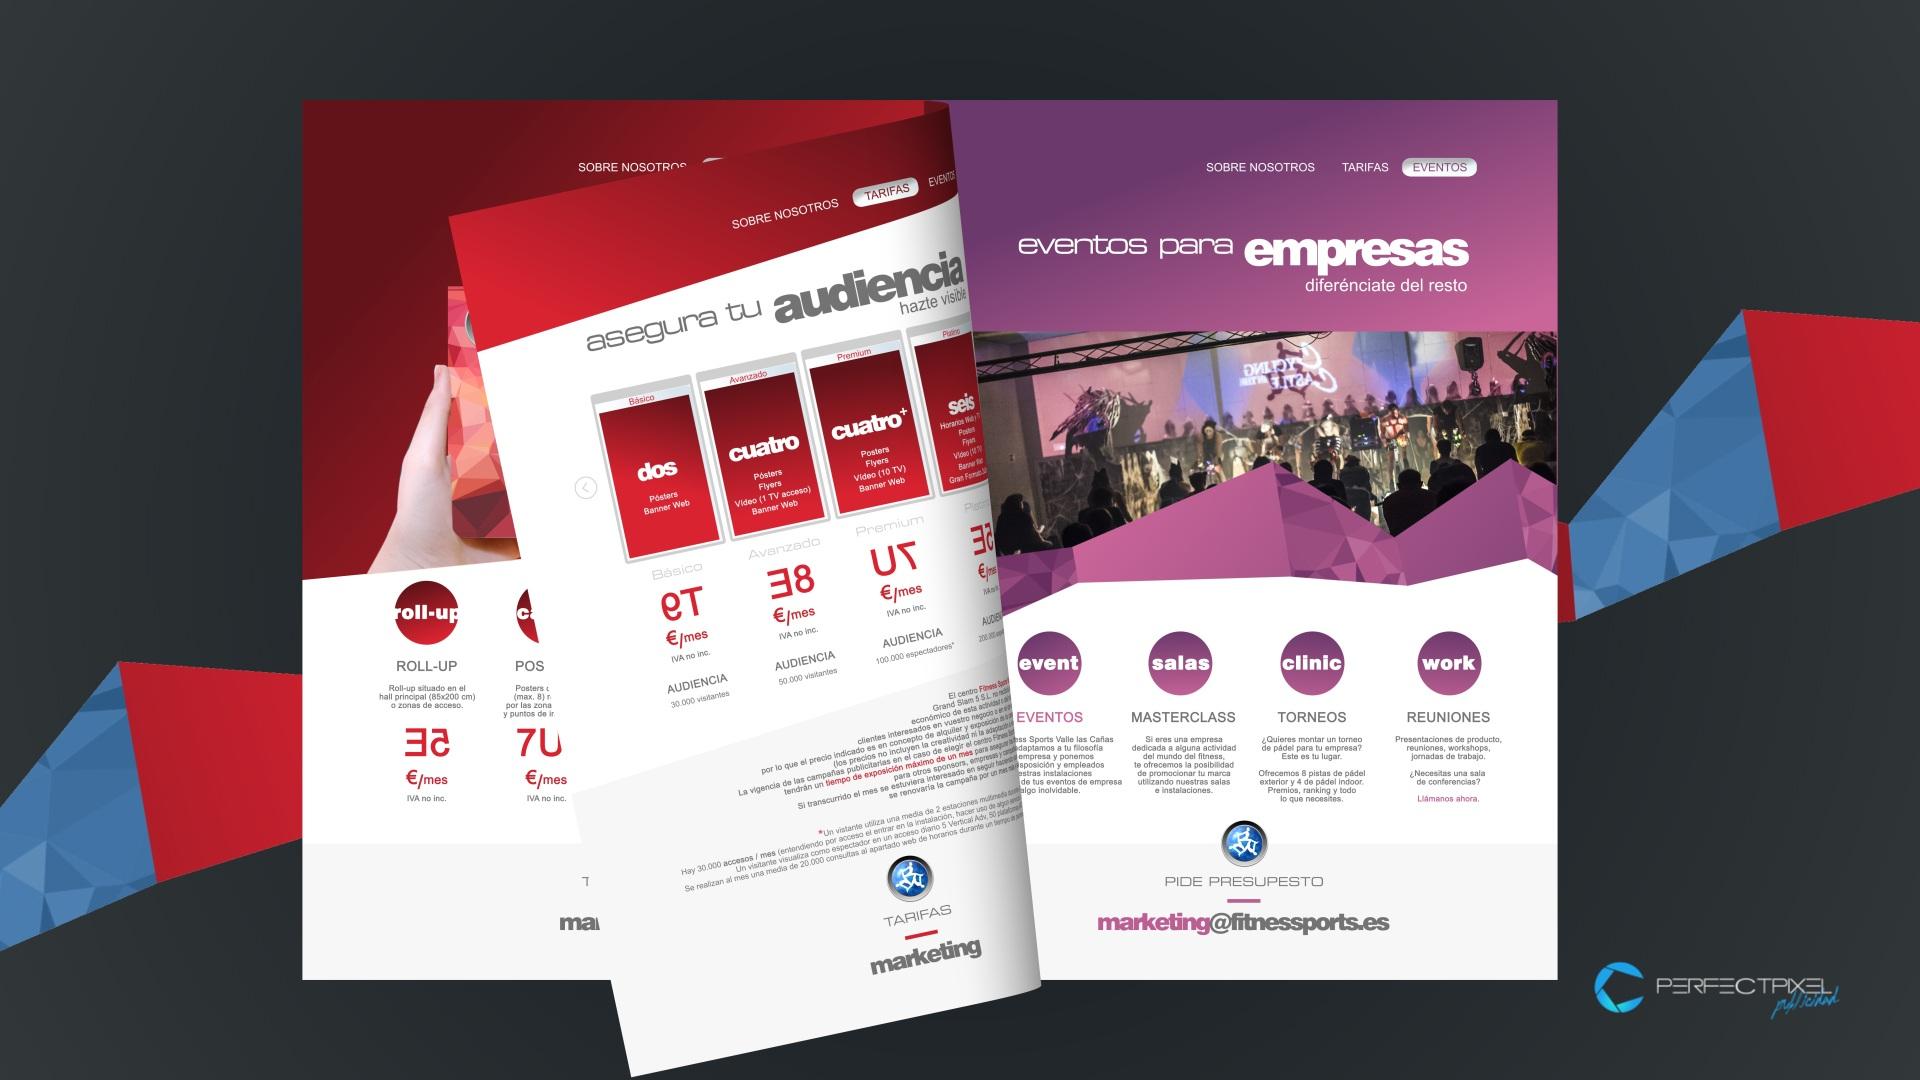 https://www.perfectpixel.es/wp-content/uploads/2015/07/Corporate-Brochure-Design-by-PerfectPixel-Publicidad-2.jpg